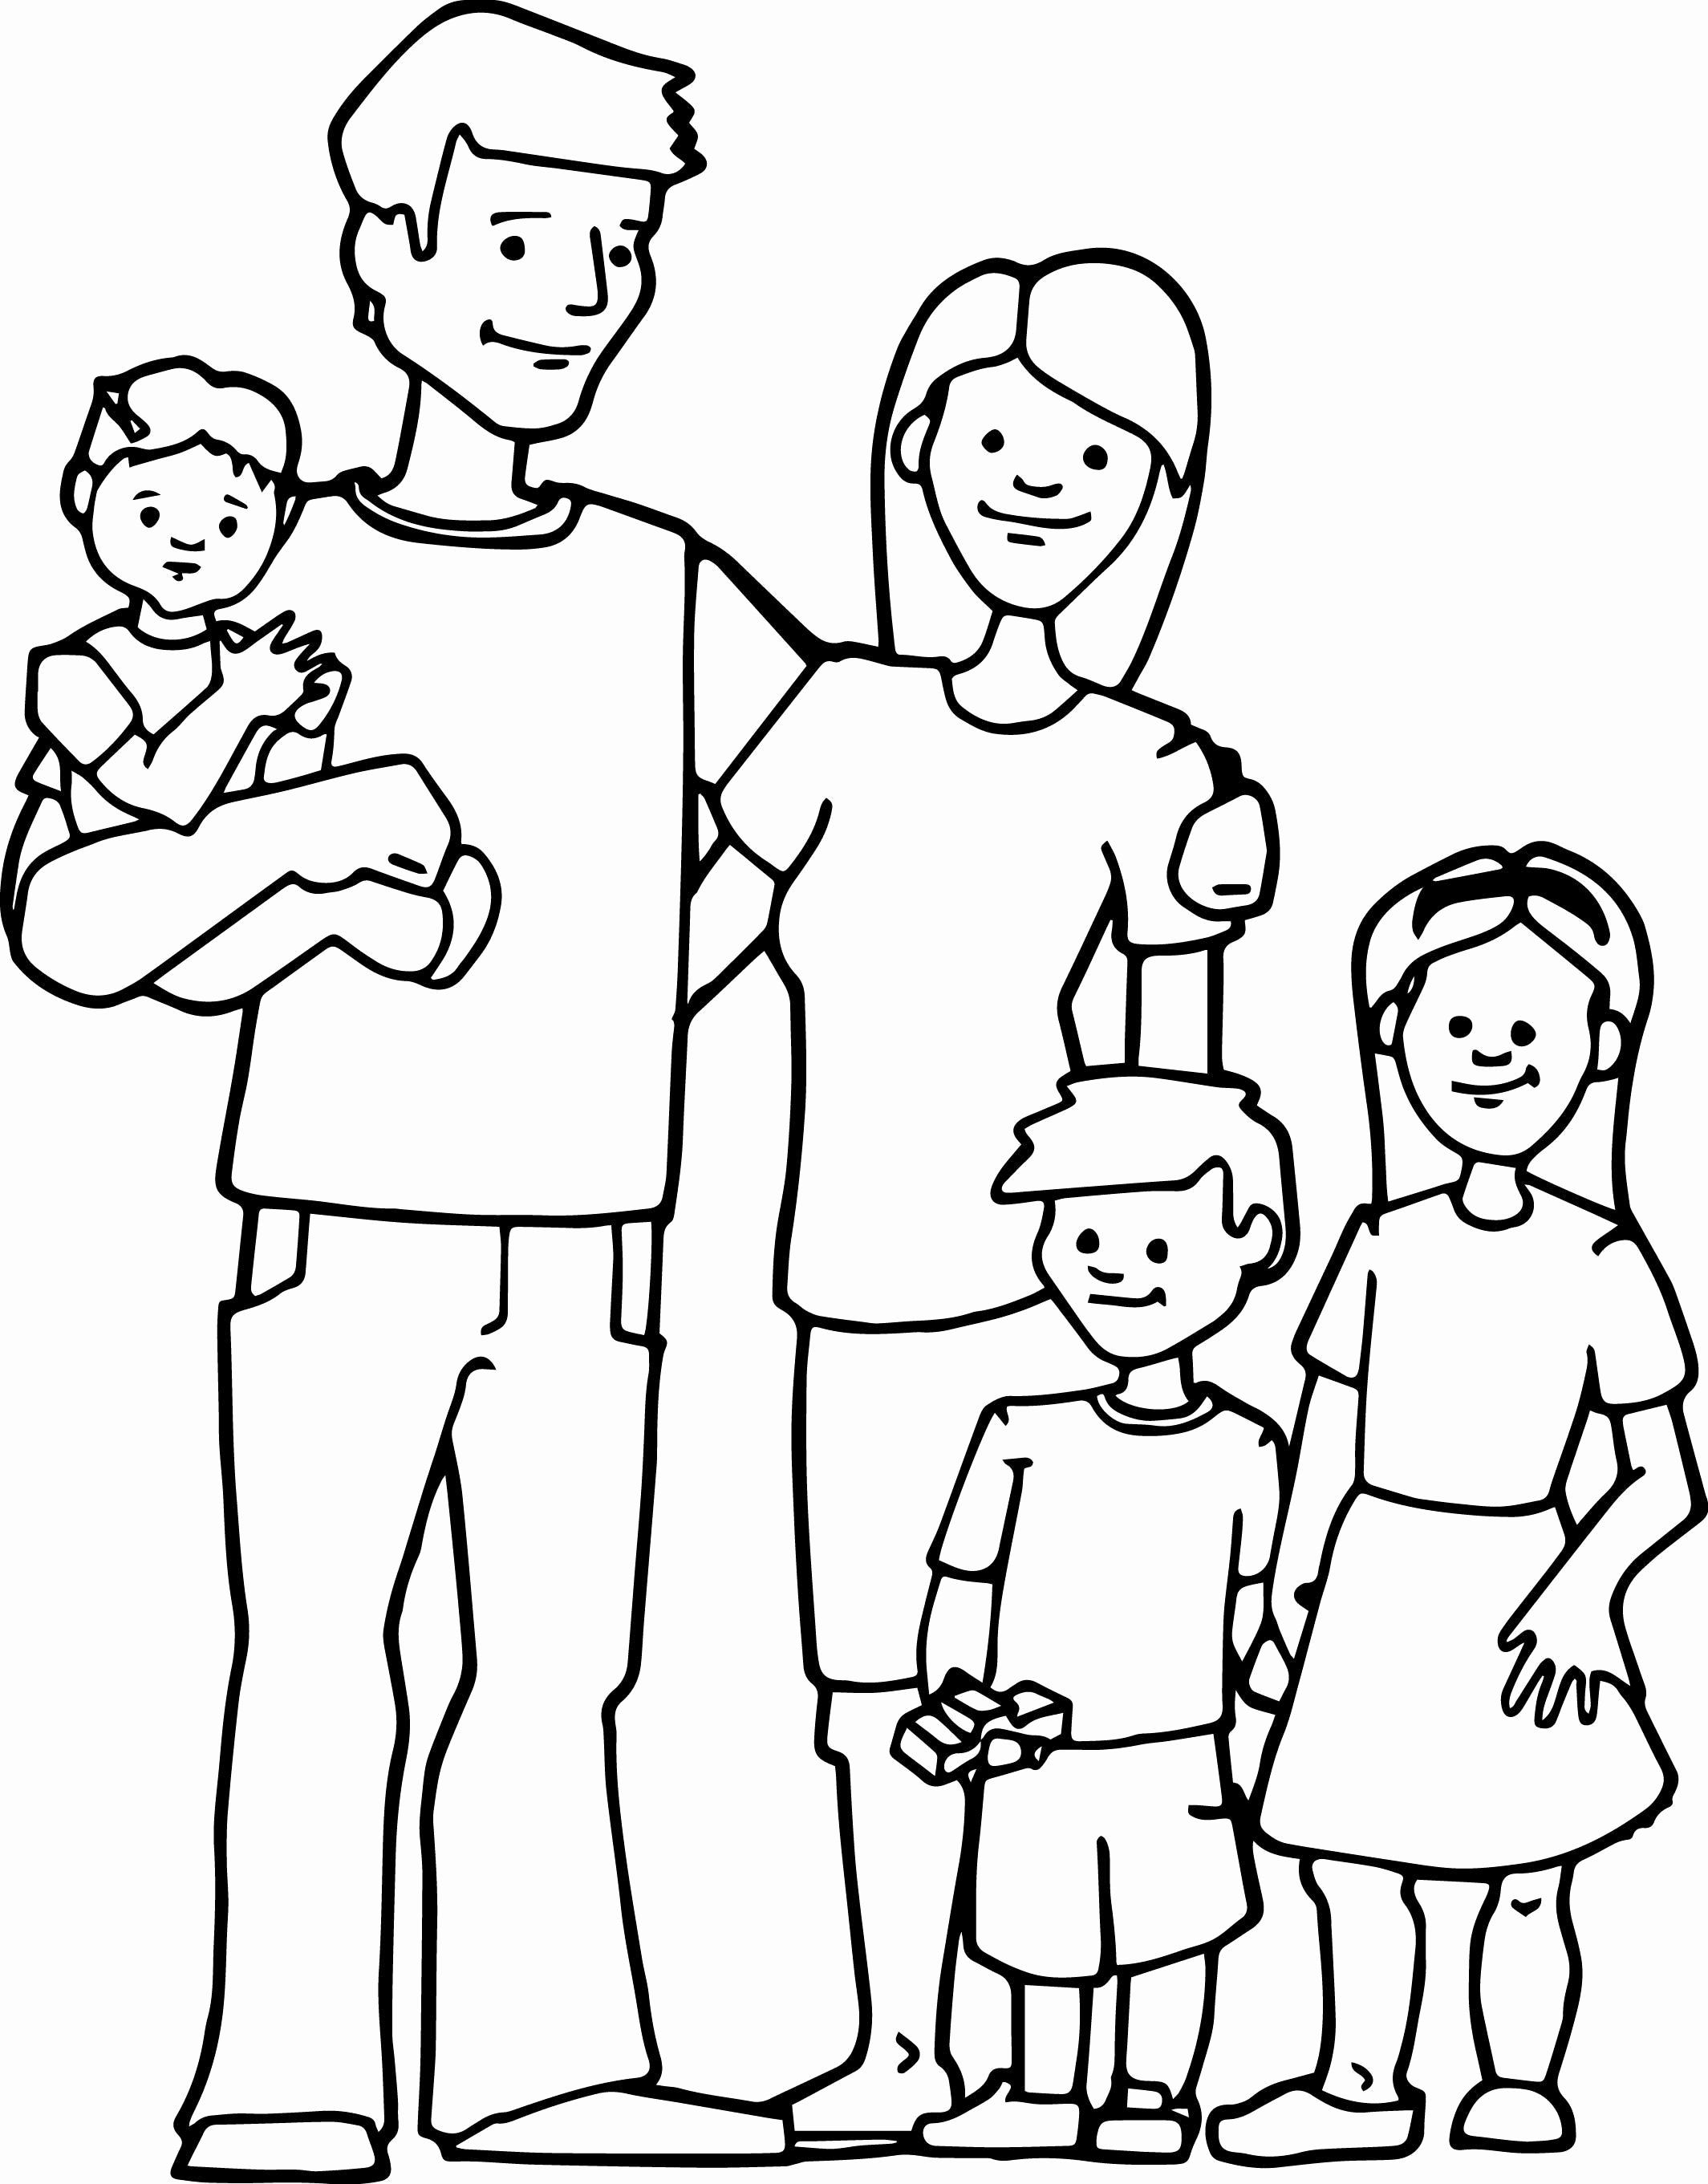 Family Coloring Pages For Kids Gambar Kegiatan Untuk Anak Anak